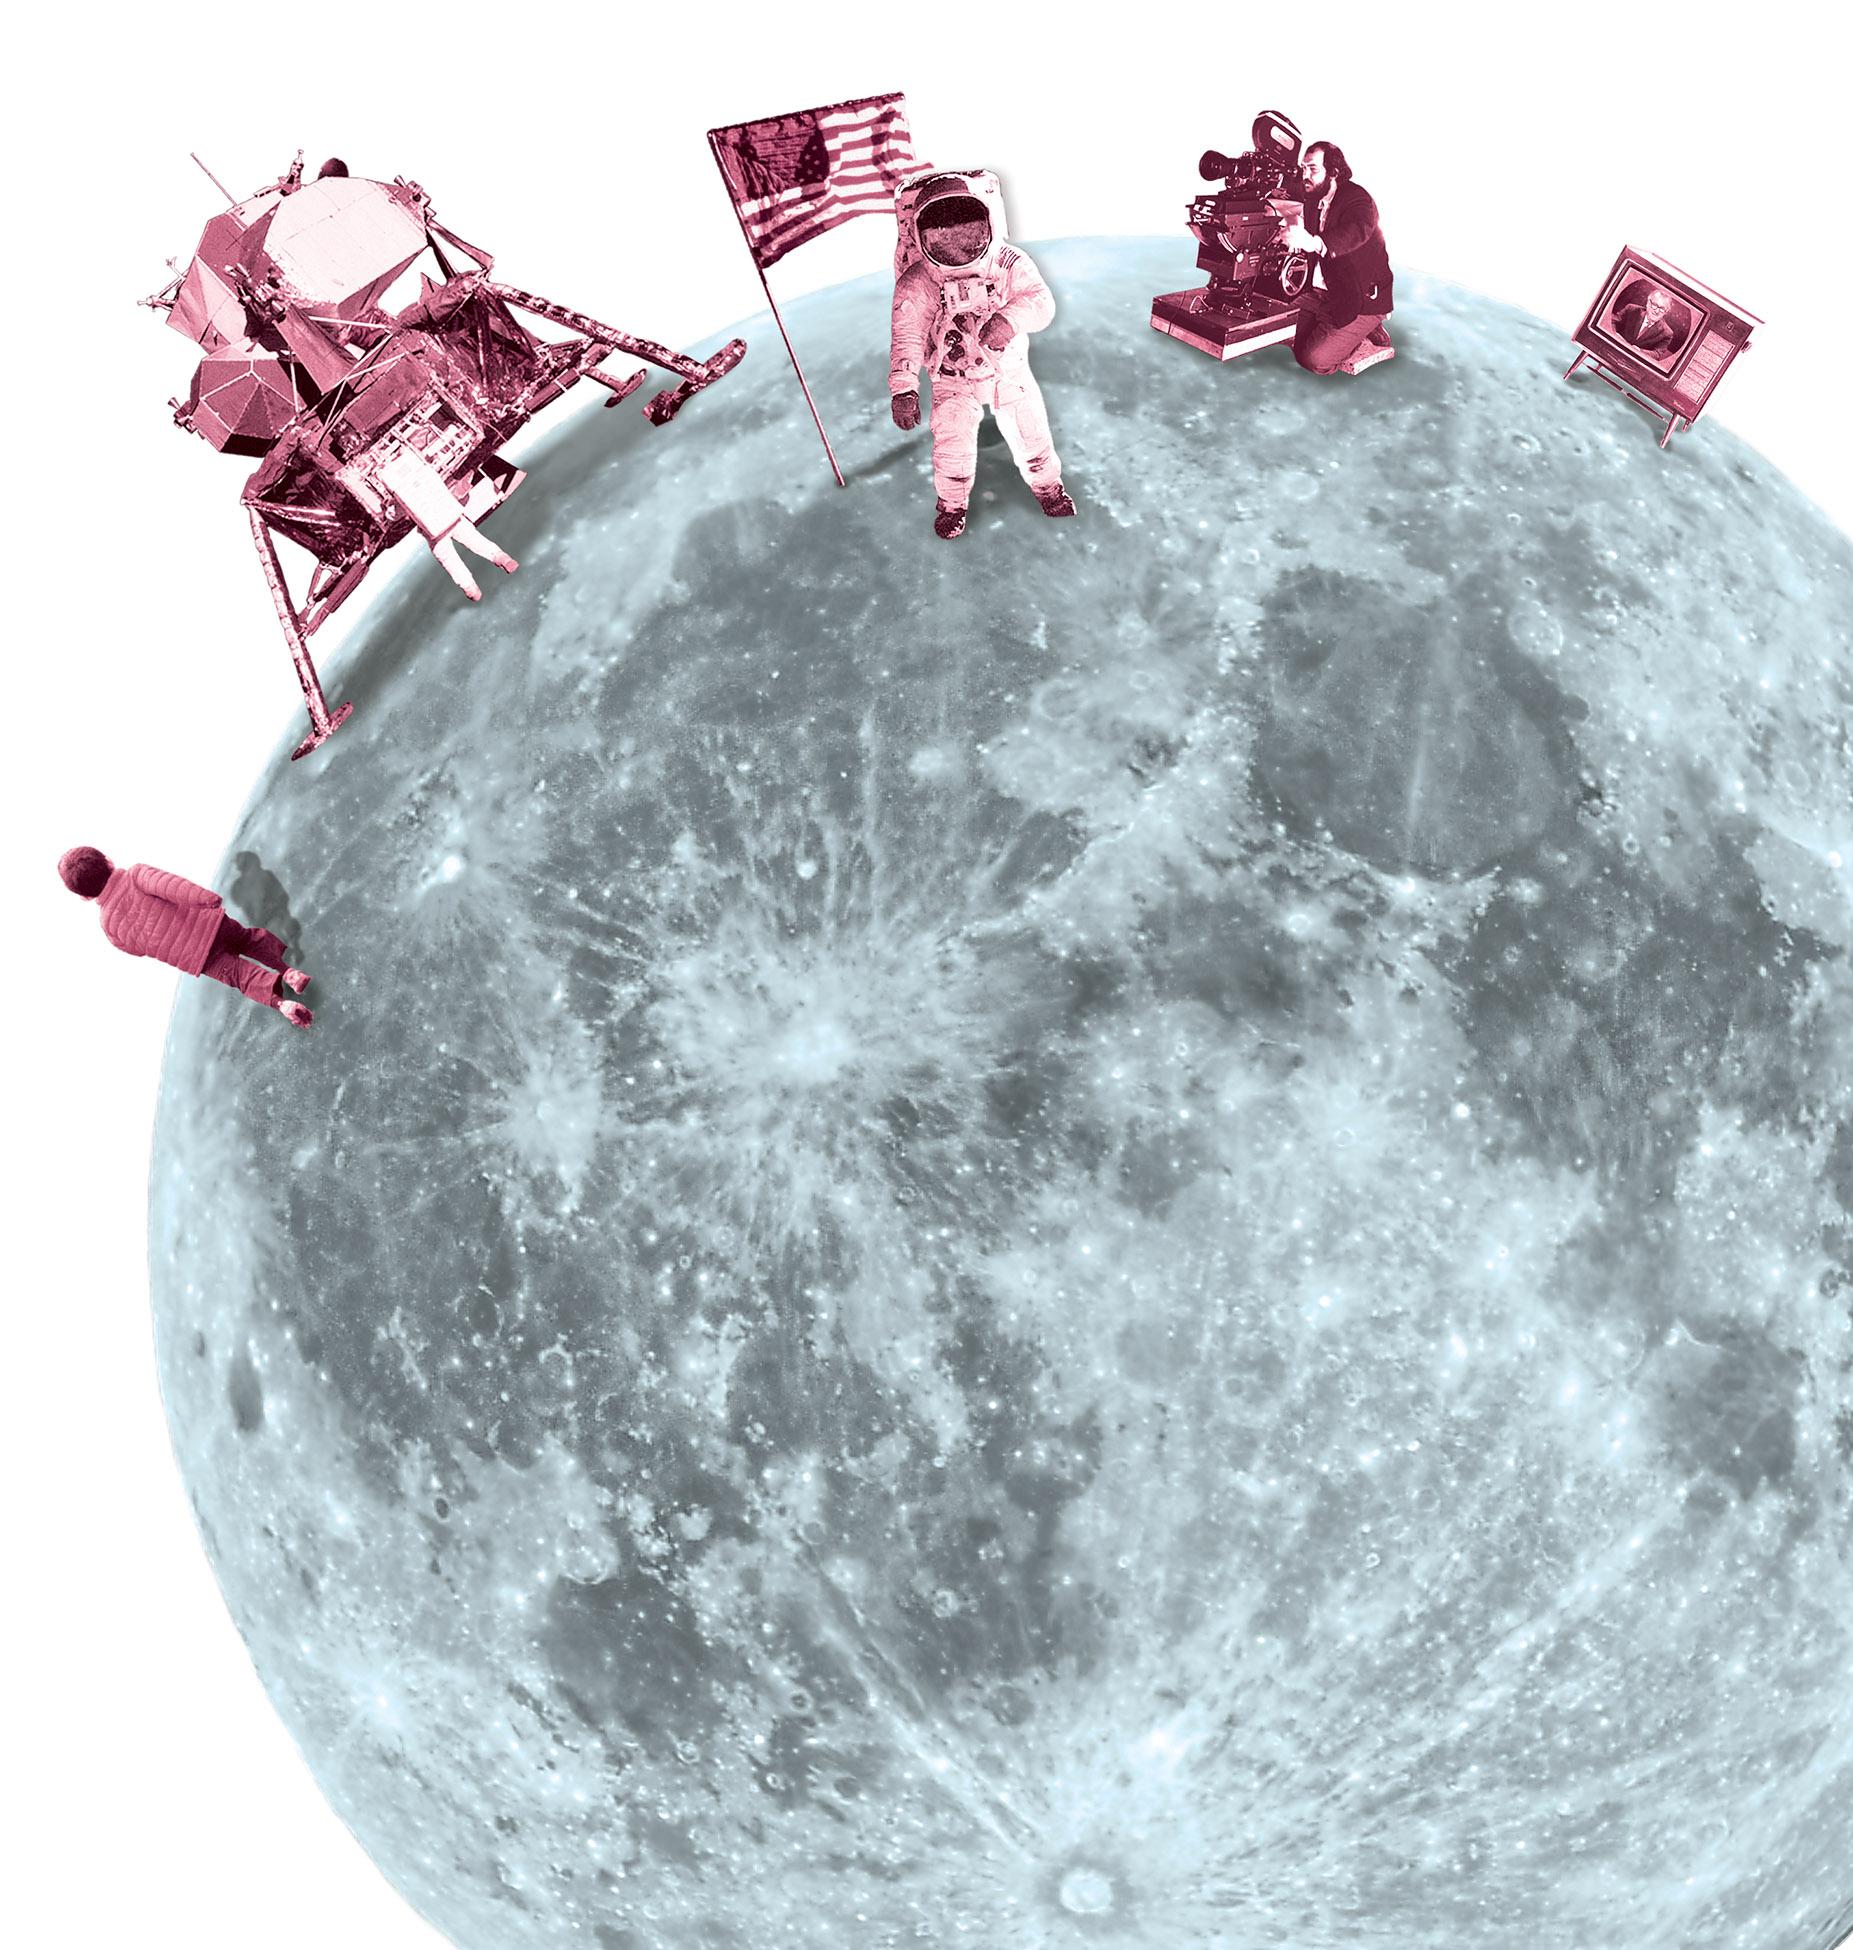 latest_the_week_moon_landing_by_cierra_pedro_WEB.jpg